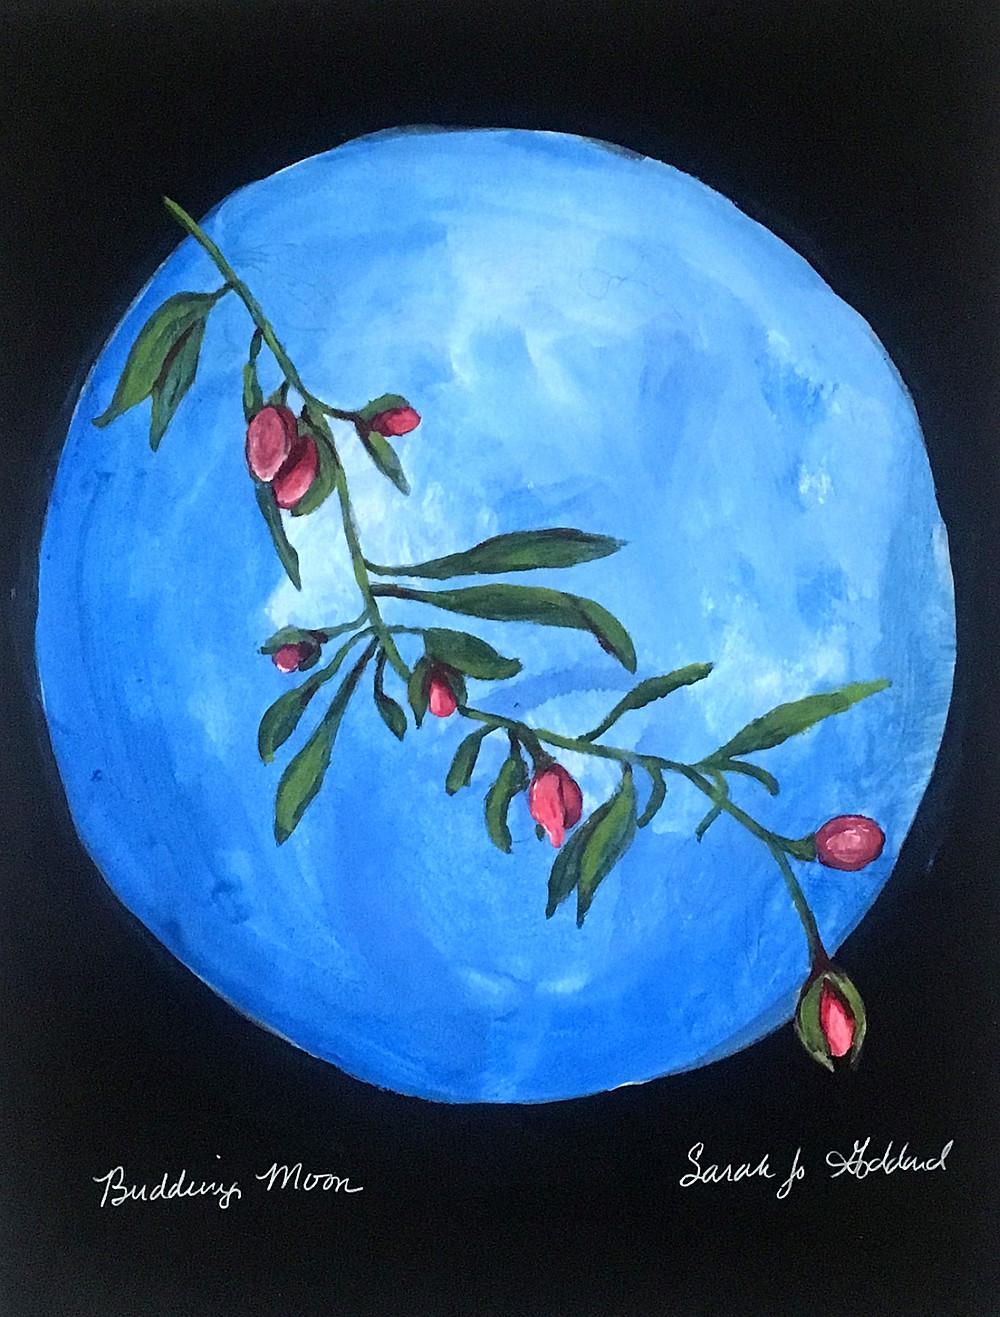 Budding Moon